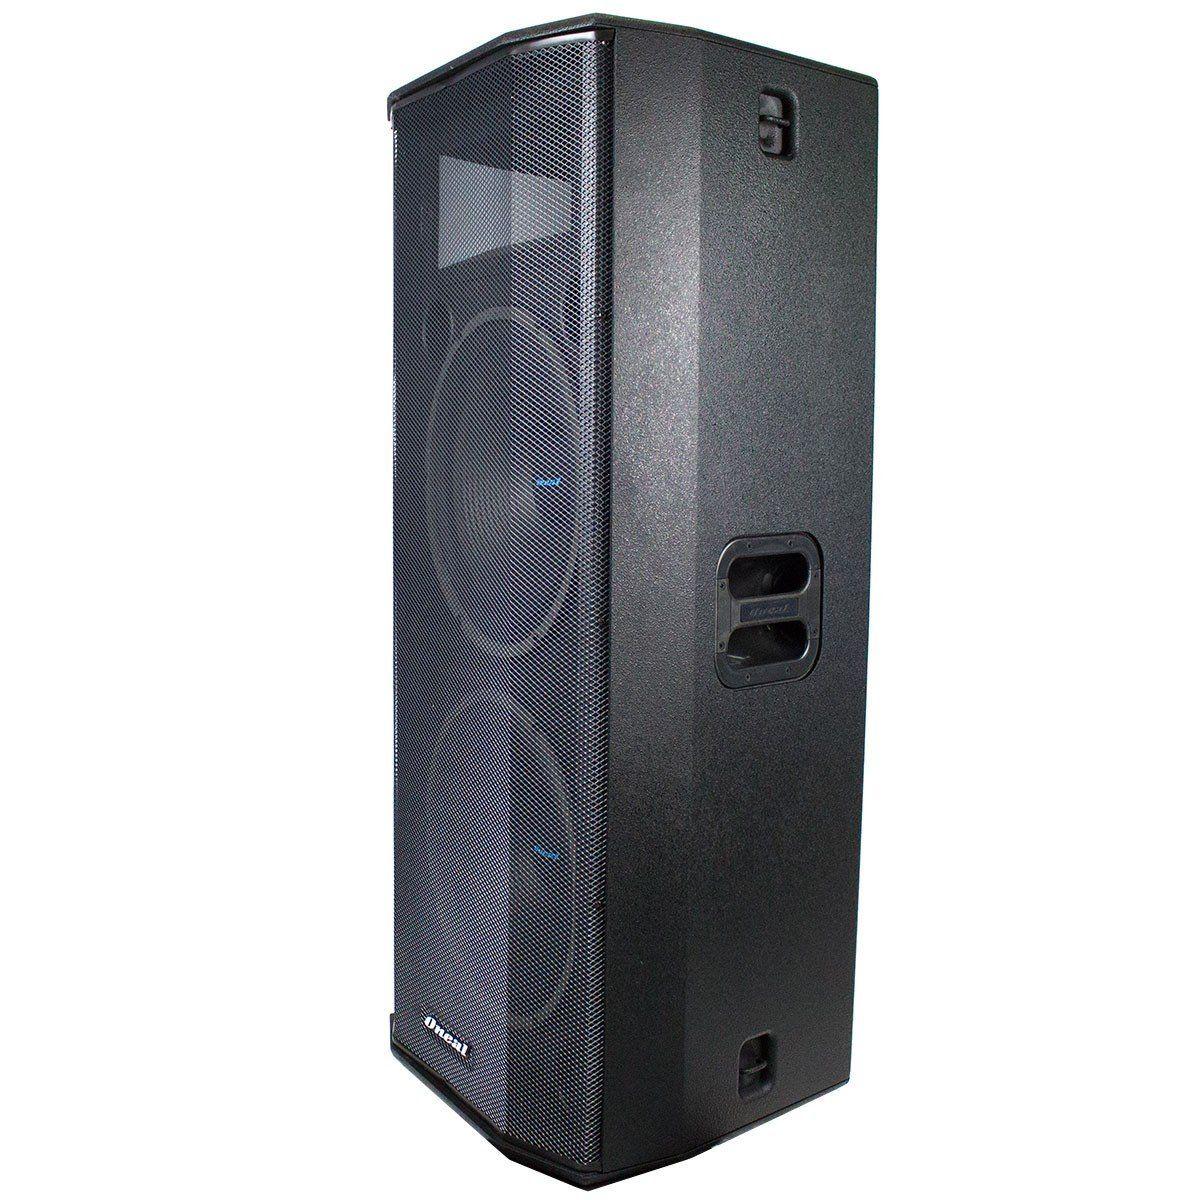 CAIXA ACUSTICA USB 600W 2 ALTO FALANTE OPB5060 ONEAL